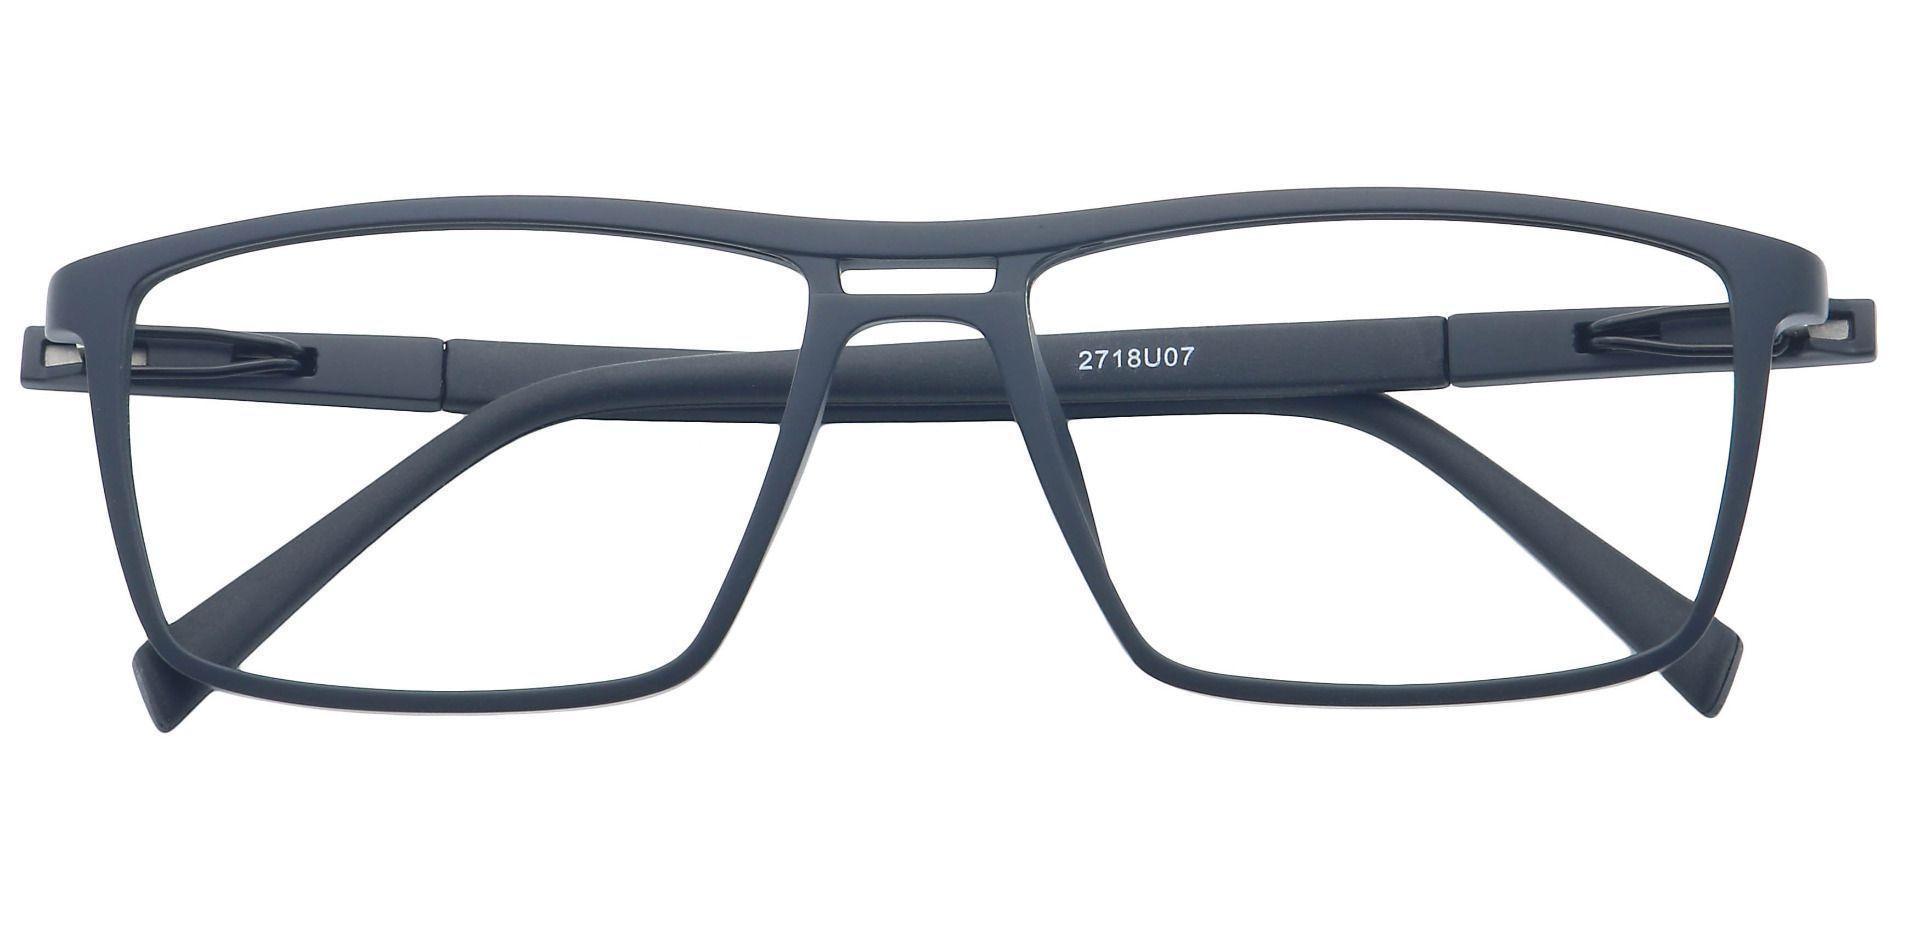 Covone Rectangle Prescription Glasses - Black